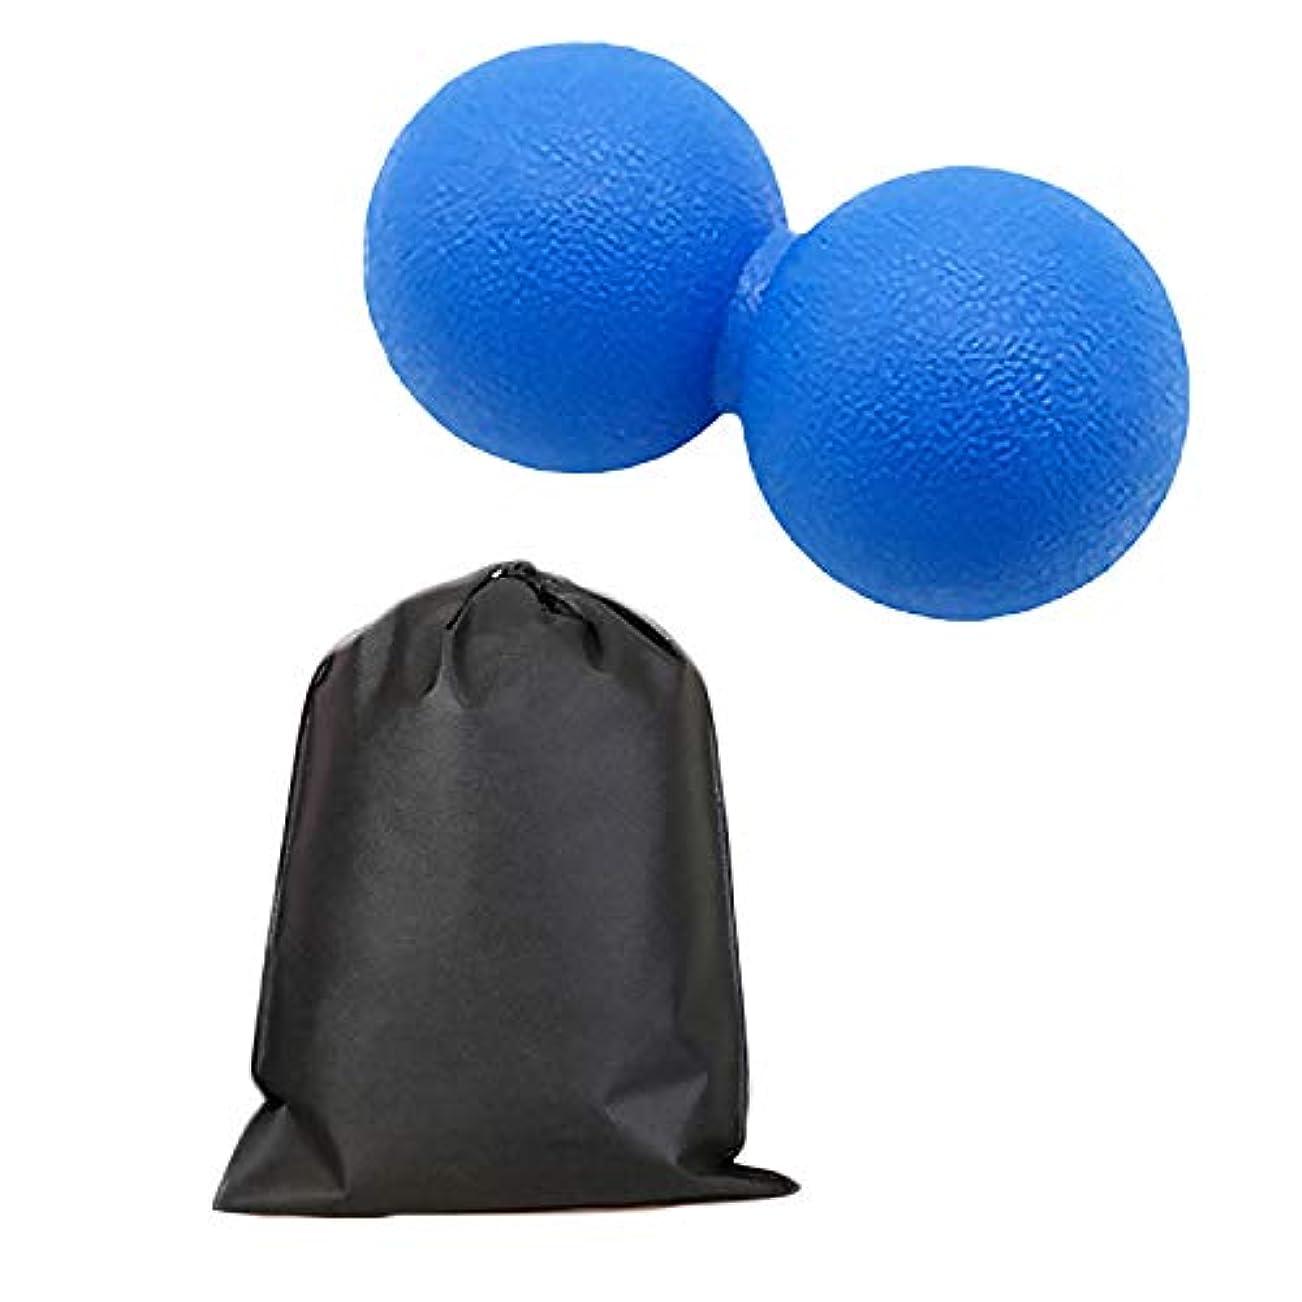 モットー潮約束するMigavan マッサージボールローラーバックマッサージボール収納袋が付いているピーナツマッサージのローラーボールのマッサージャー